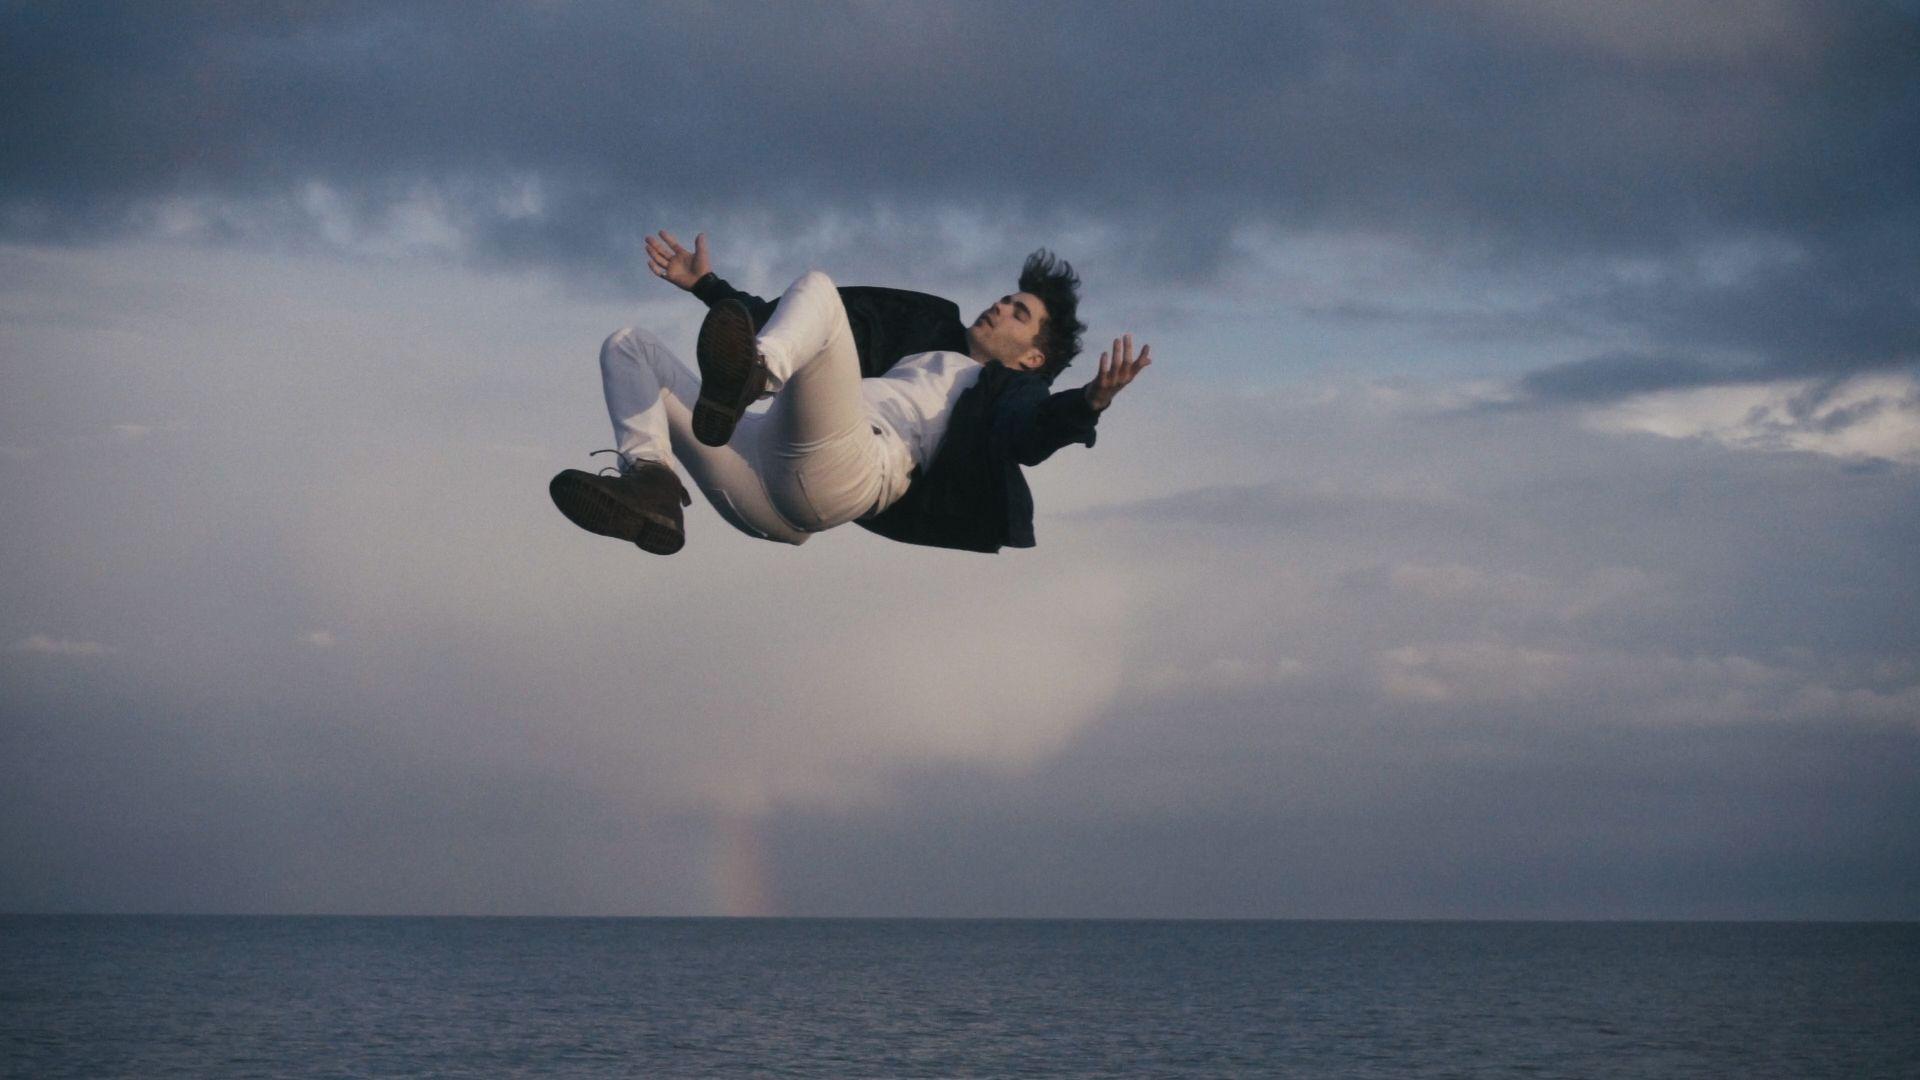 Man falling into sea